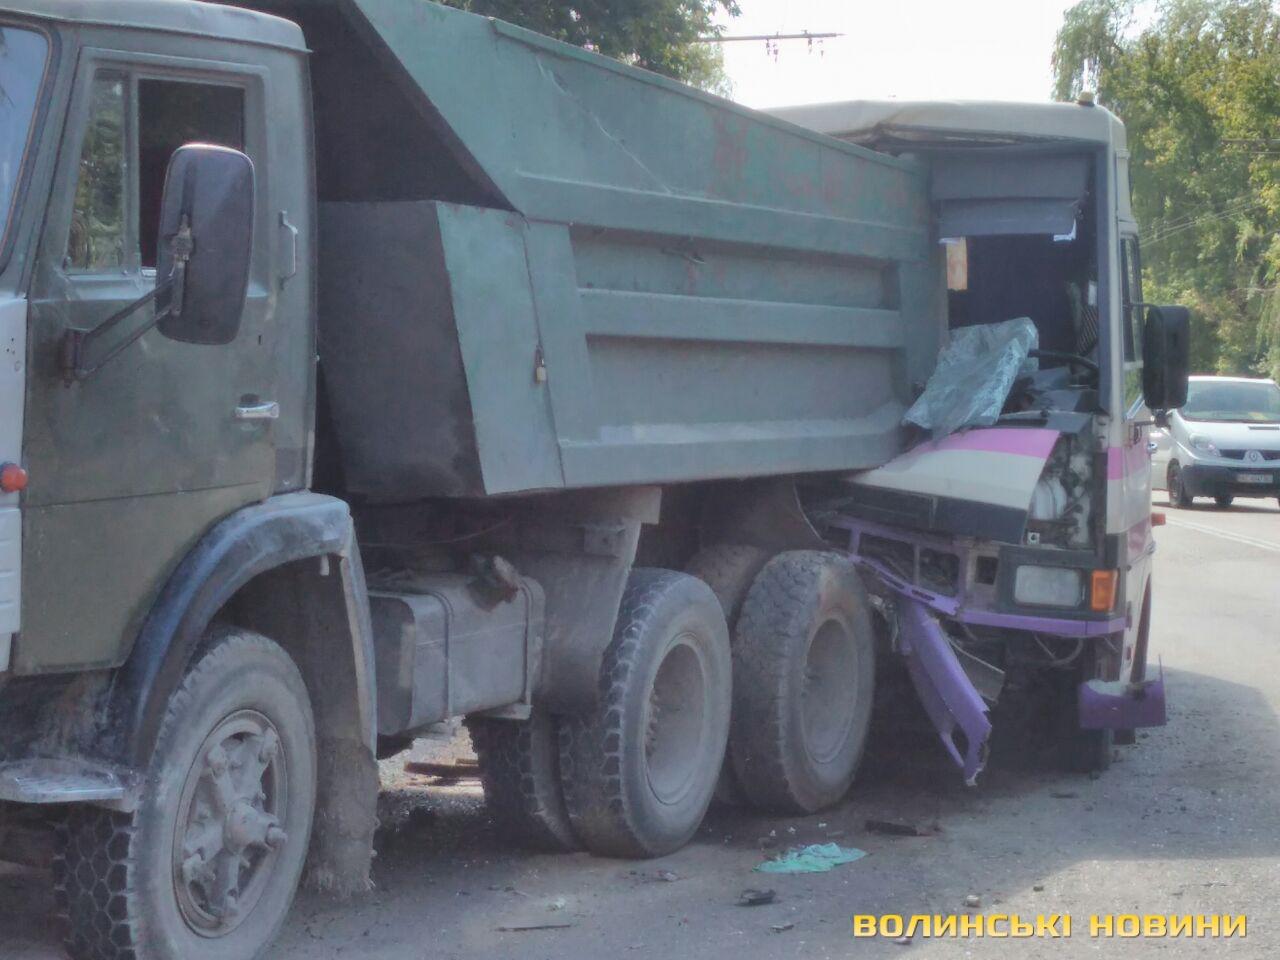 УЛуцьку маршрутка зіштовхнулася з«Камазом», є постраждалі